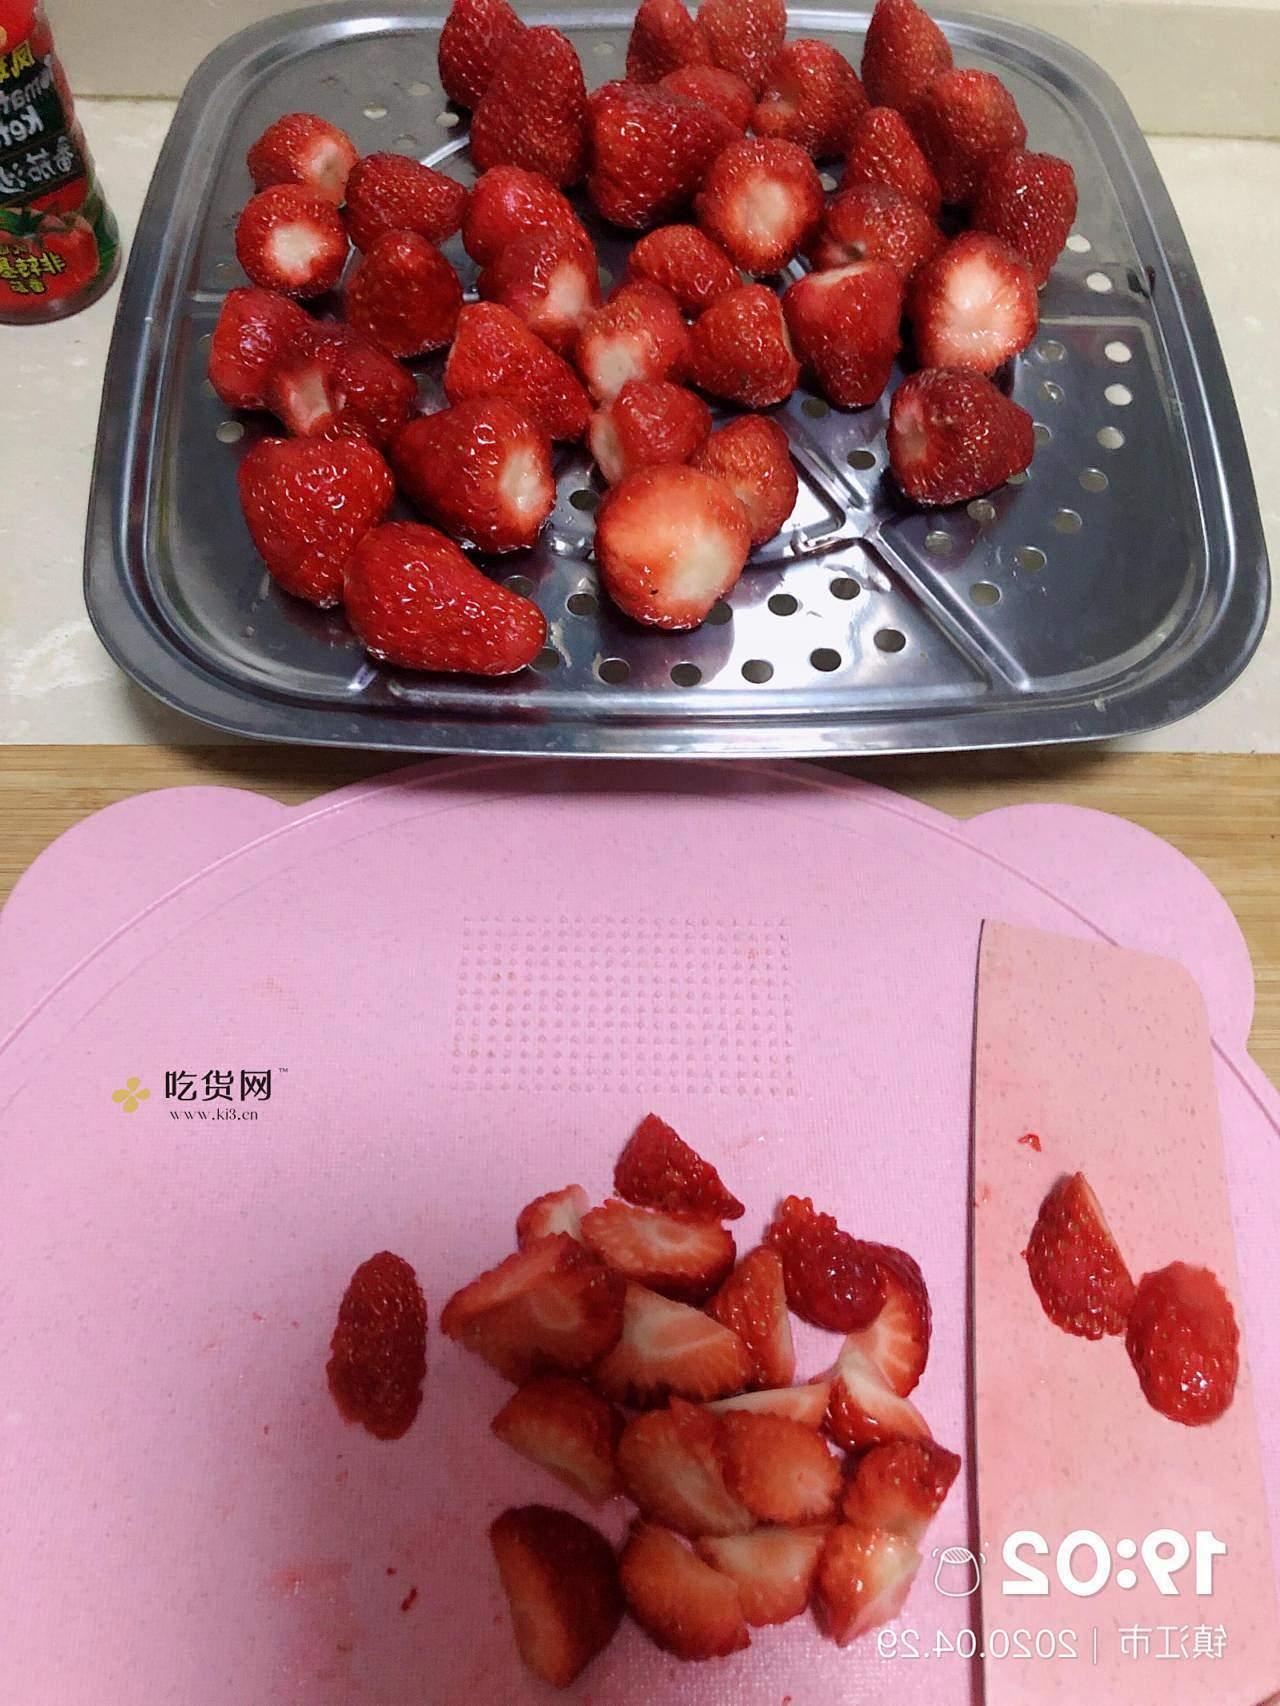 自制草莓酱(超详细)的做法 步骤1